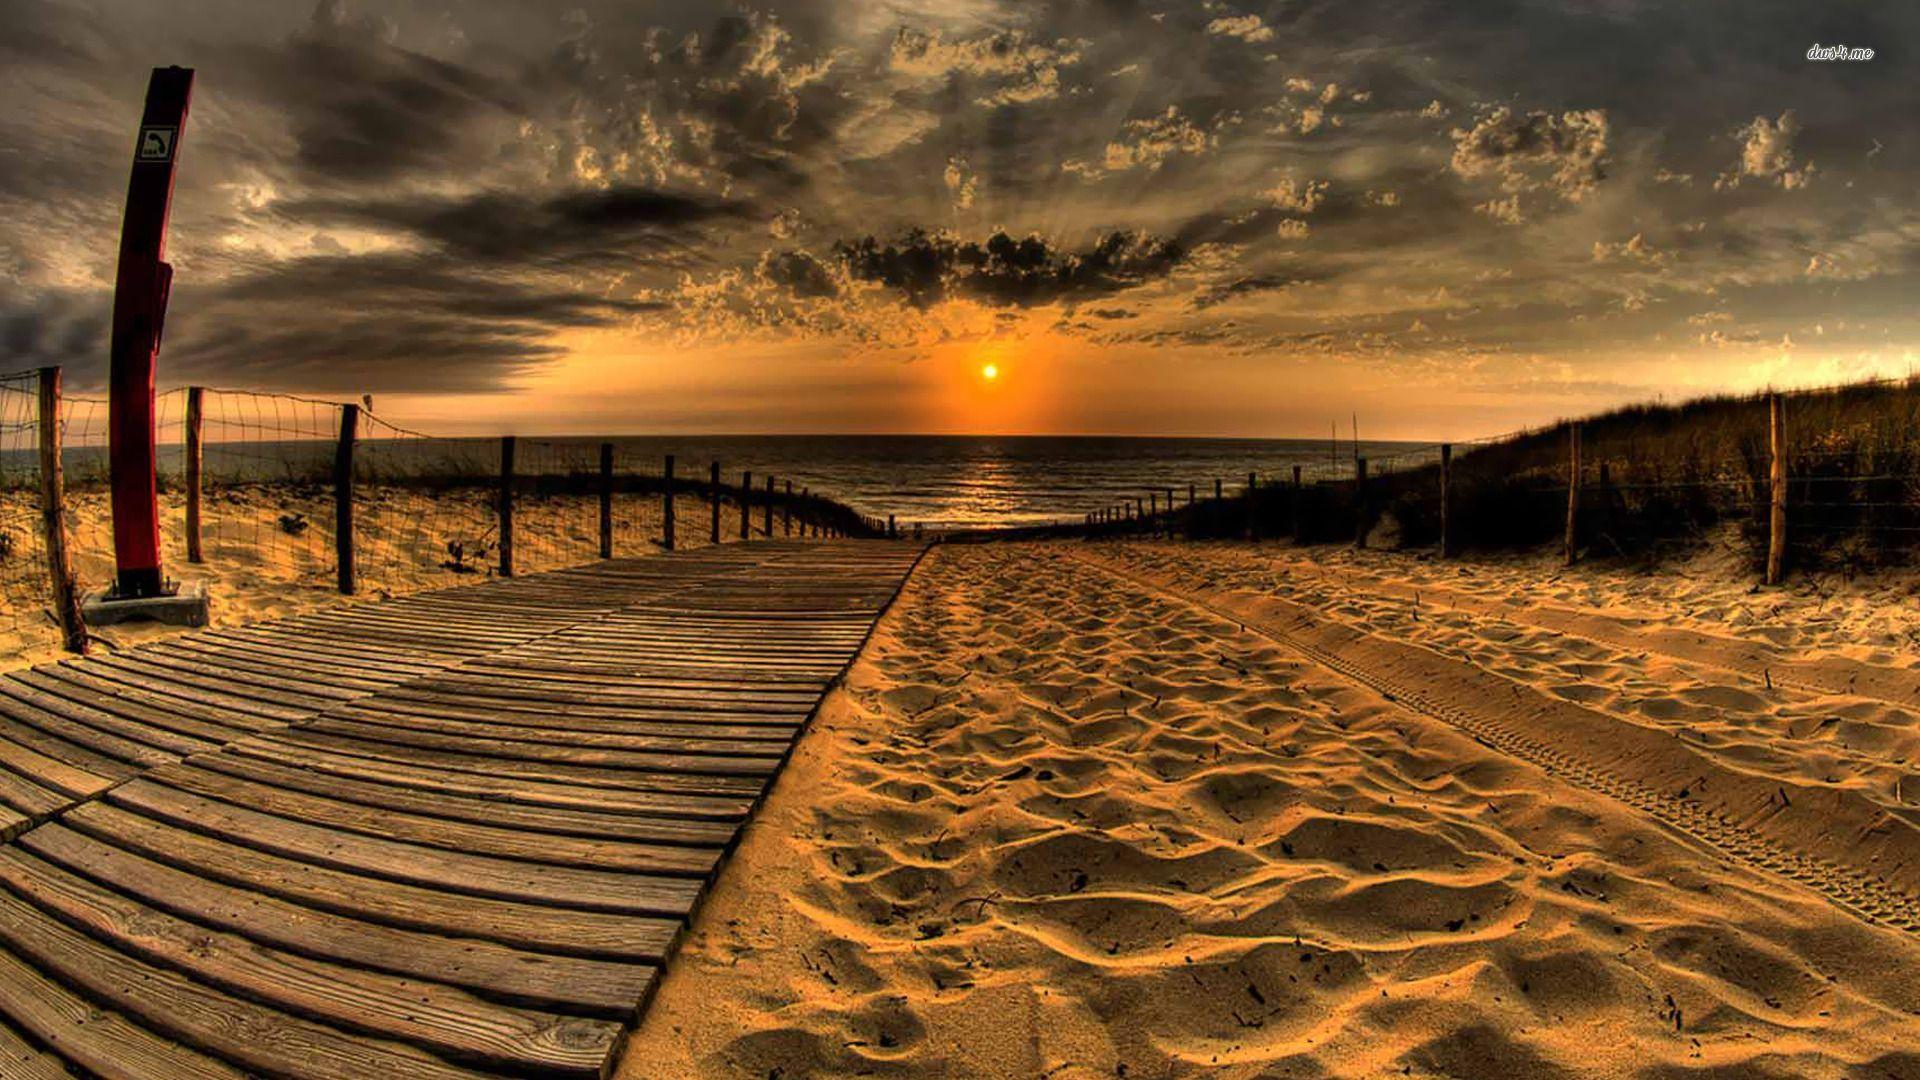 beach sunset wallpaper - sf wallpaper